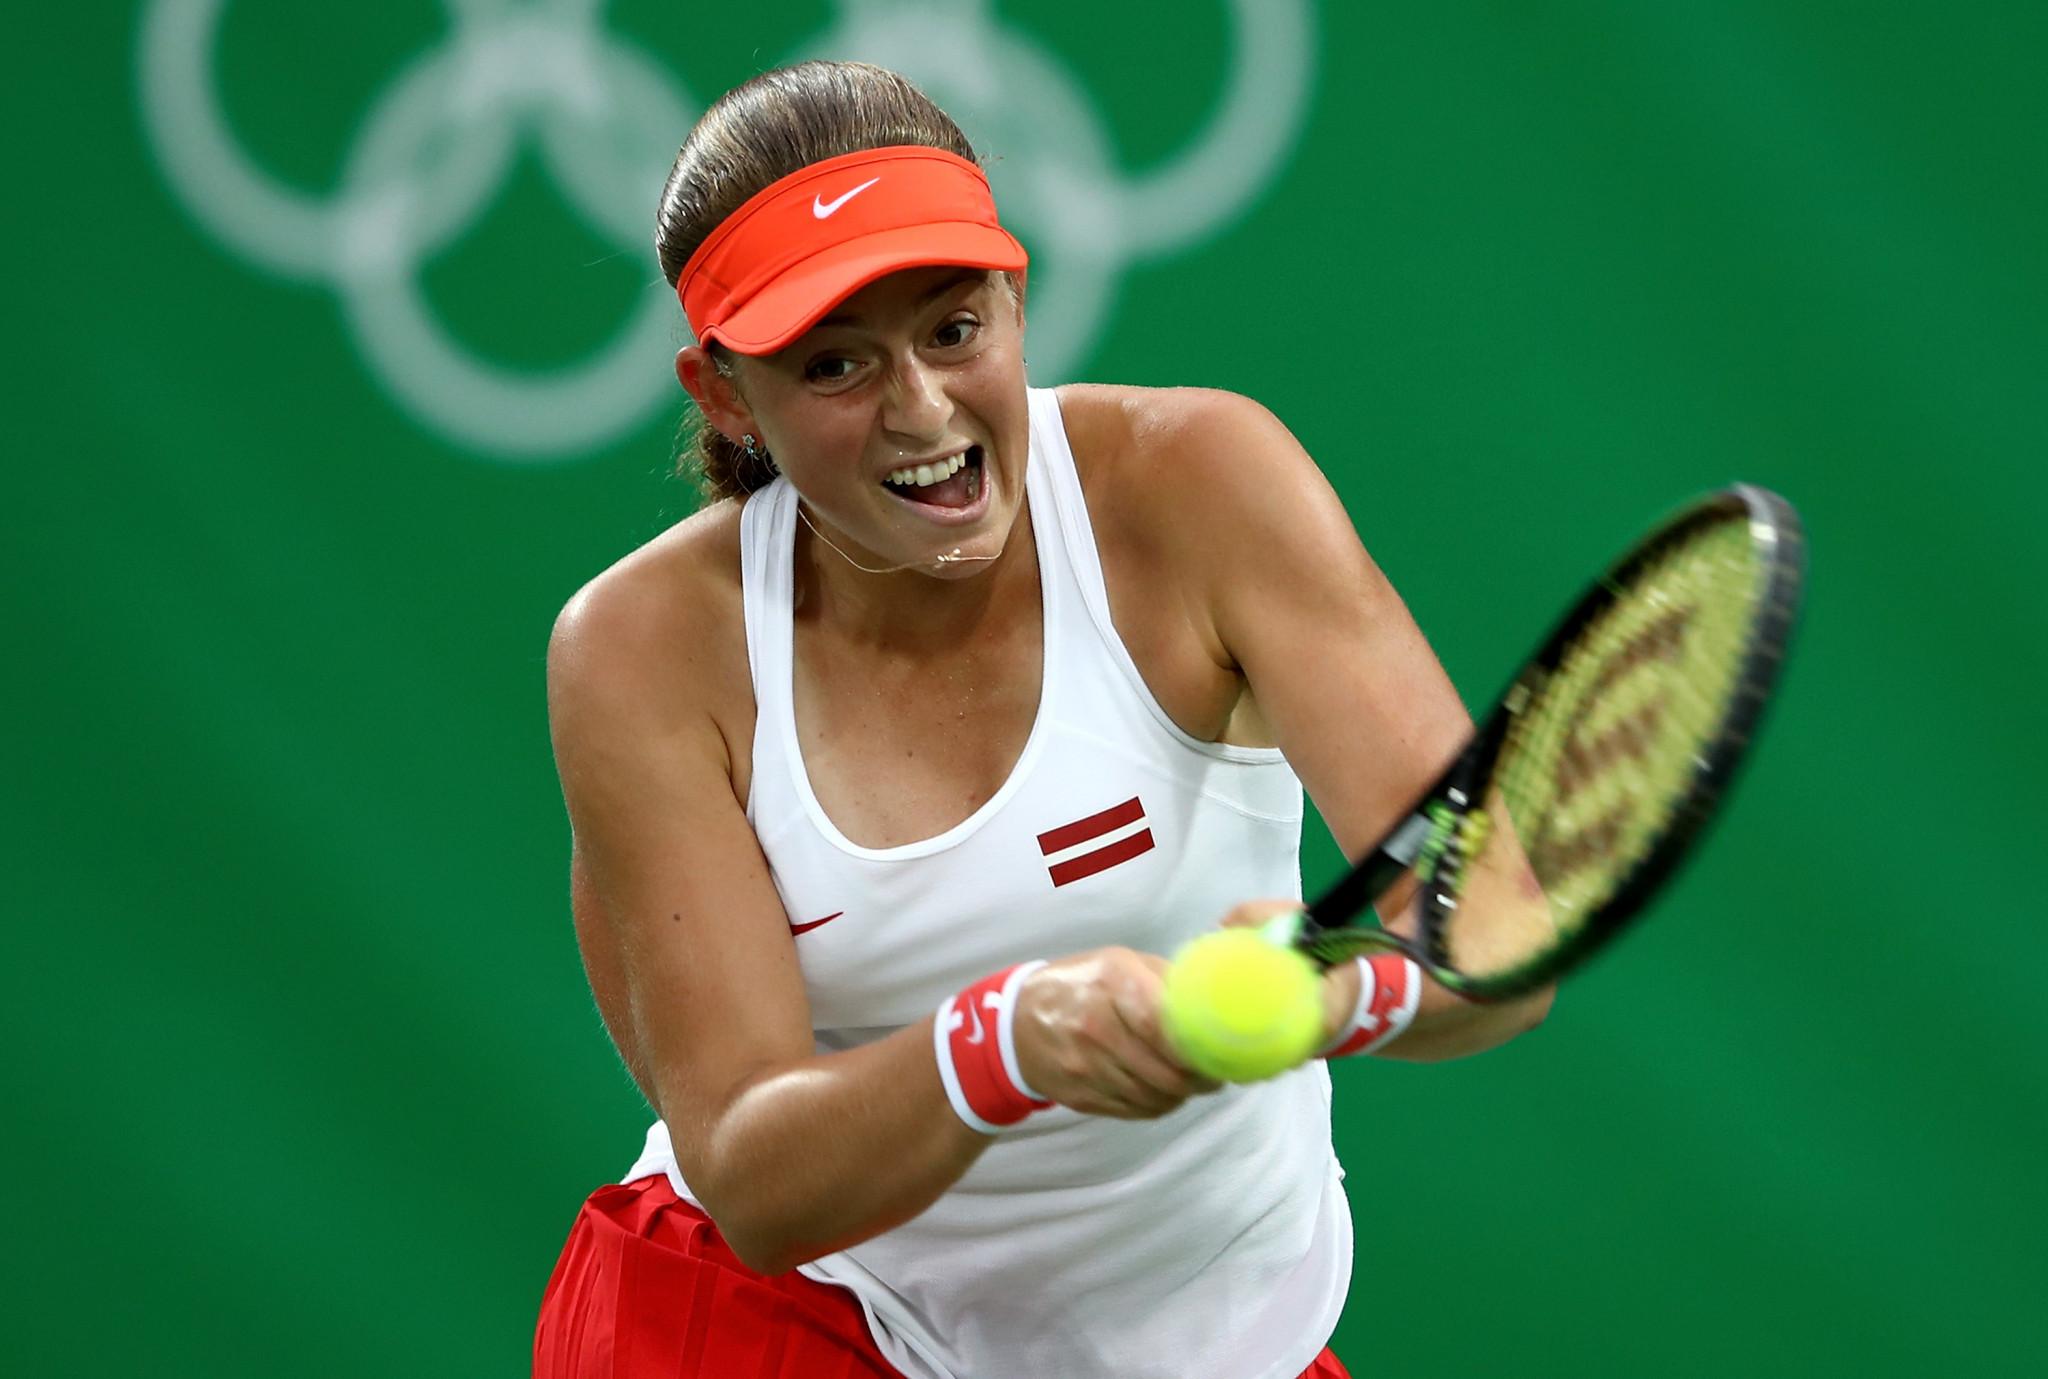 French Open uzvarētāja Jeena Ostapenko spēlēja 2016. gada Rio olimpiskajās spēlēs © Getty Images